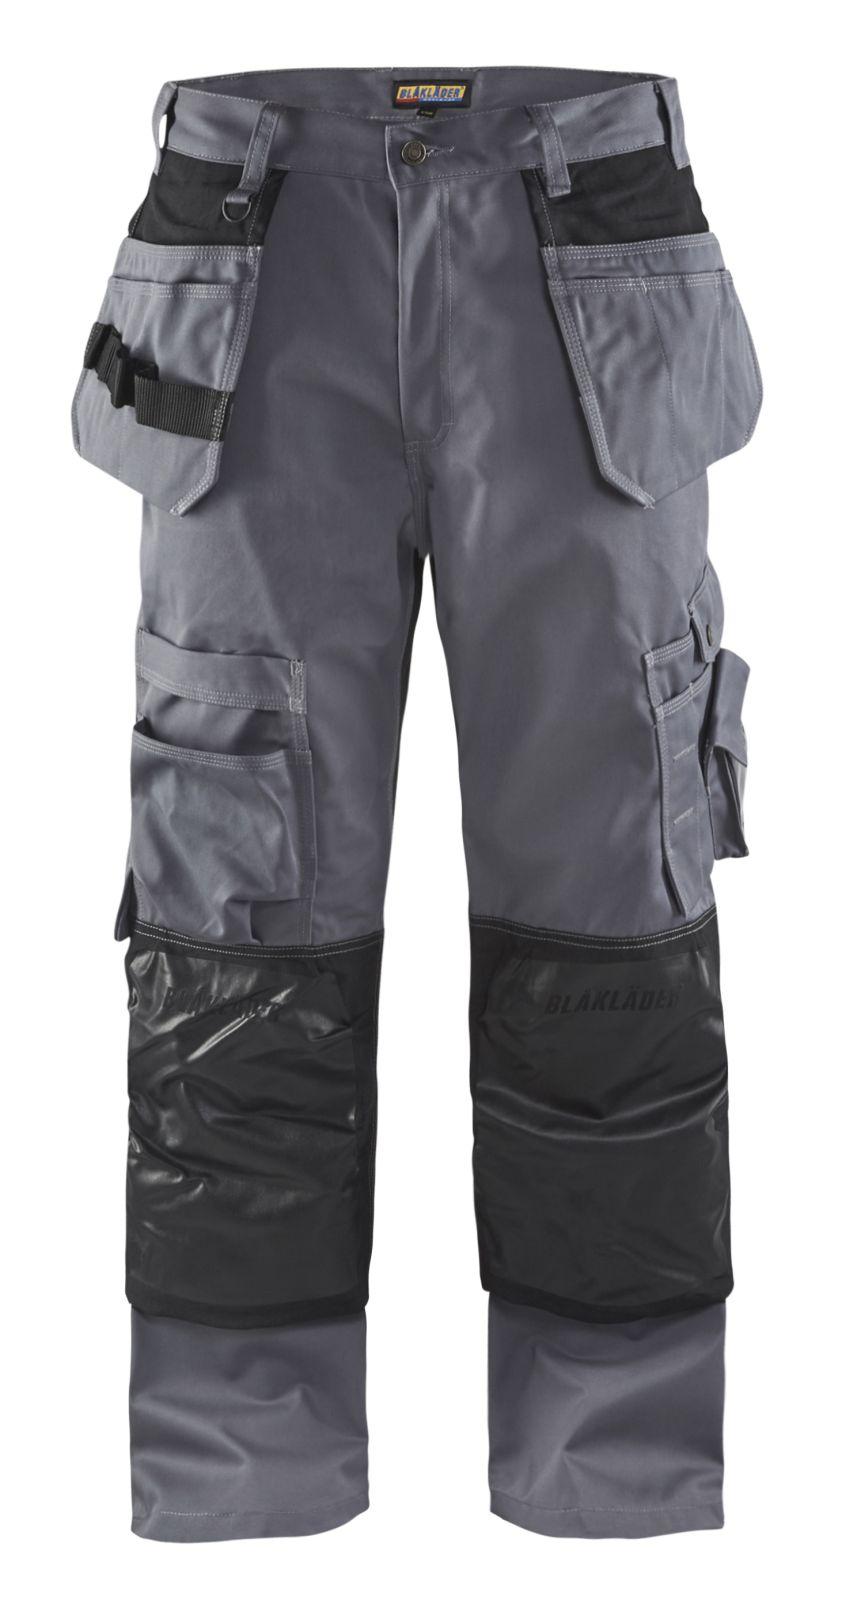 Blaklader Broeken 15051860 grijs-zwart(9499)